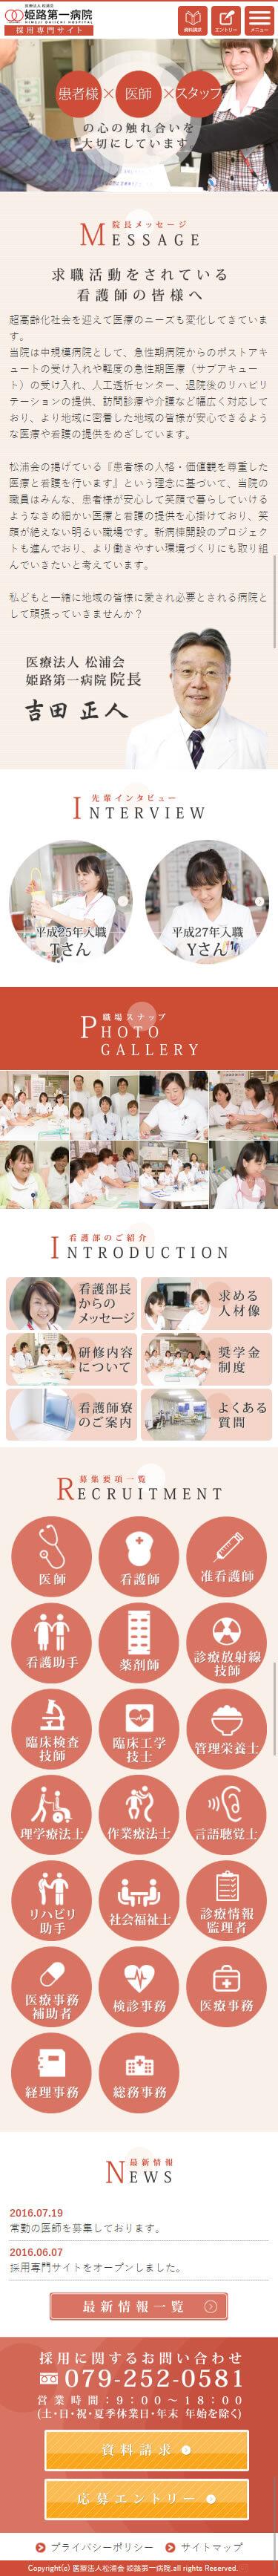 姫路市 姫路第一病院様 採用サイト制作3